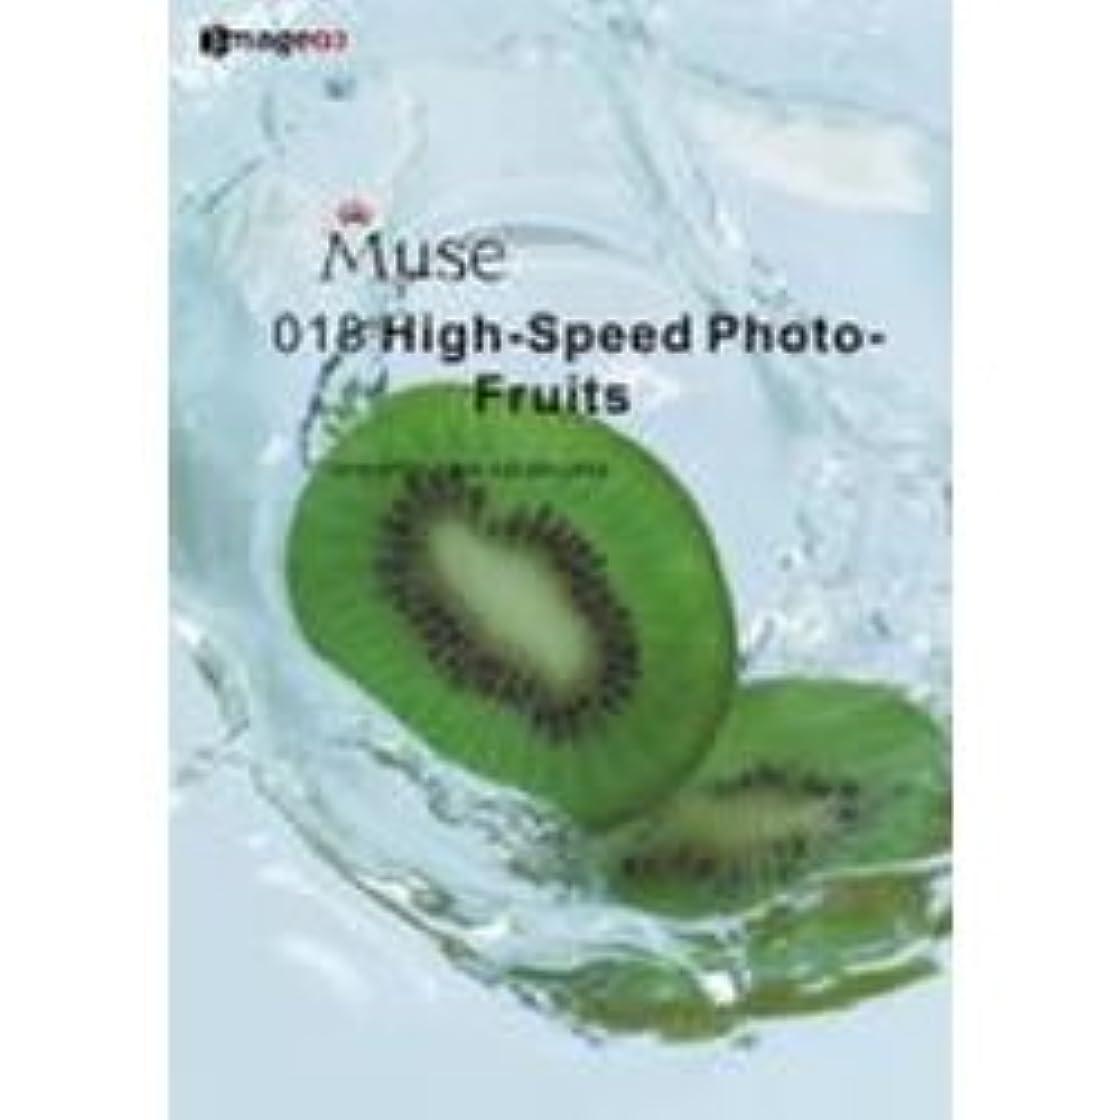 がっかりしたスパイラル前文ミューズ Vol.18 瞬間写真 果物